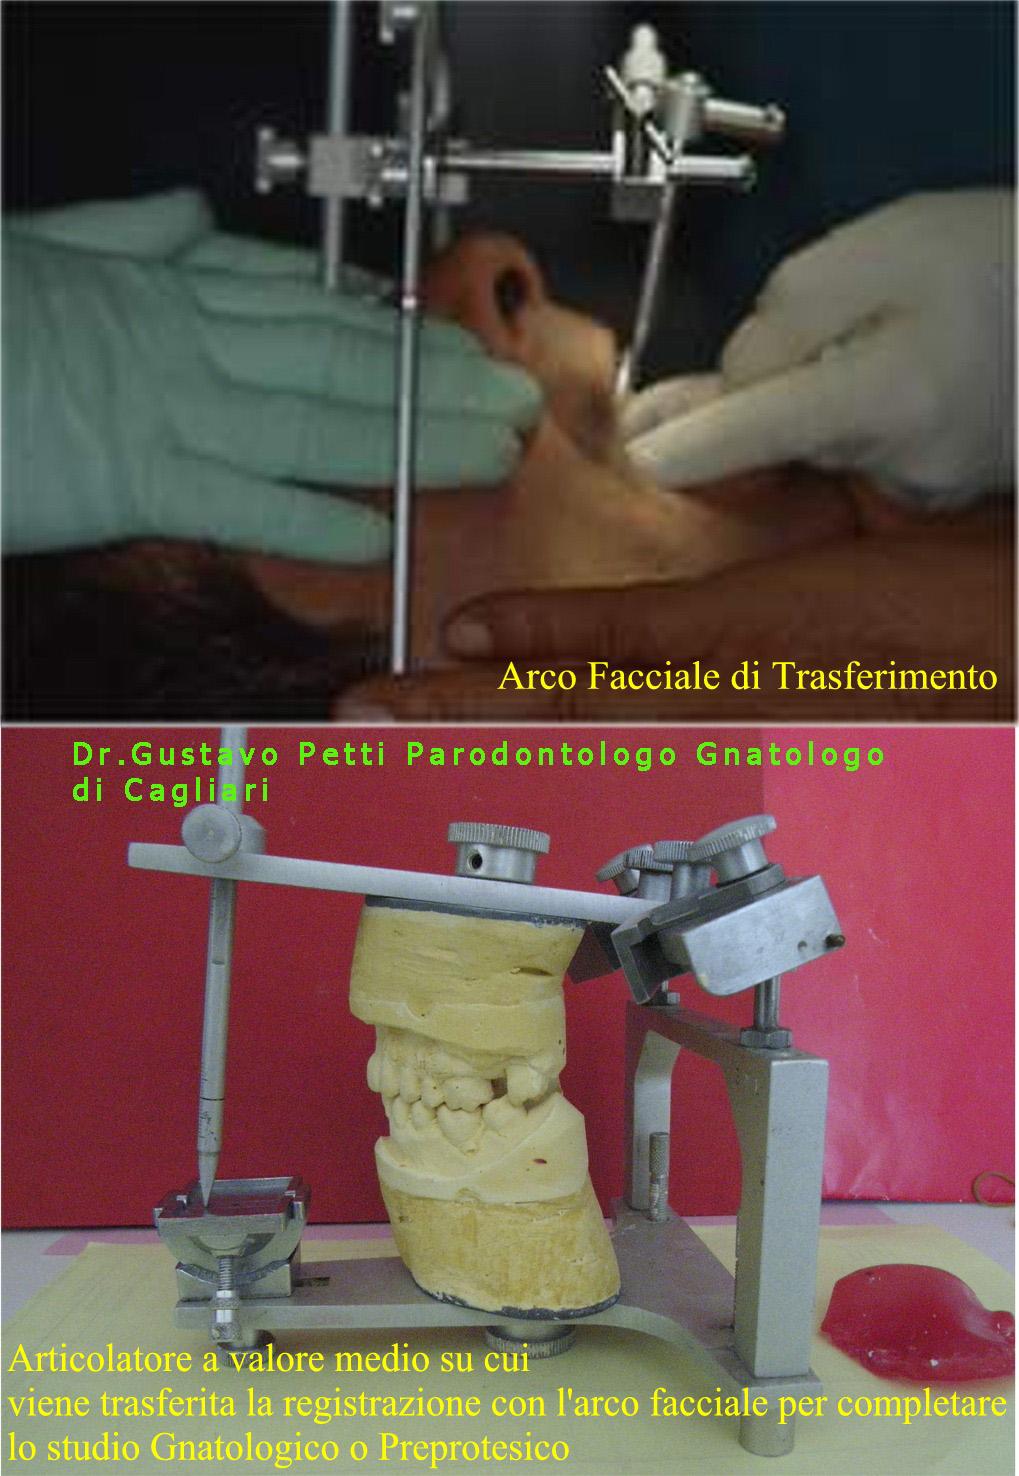 arco-facciale-dr.g.petti-ca-241.jpg